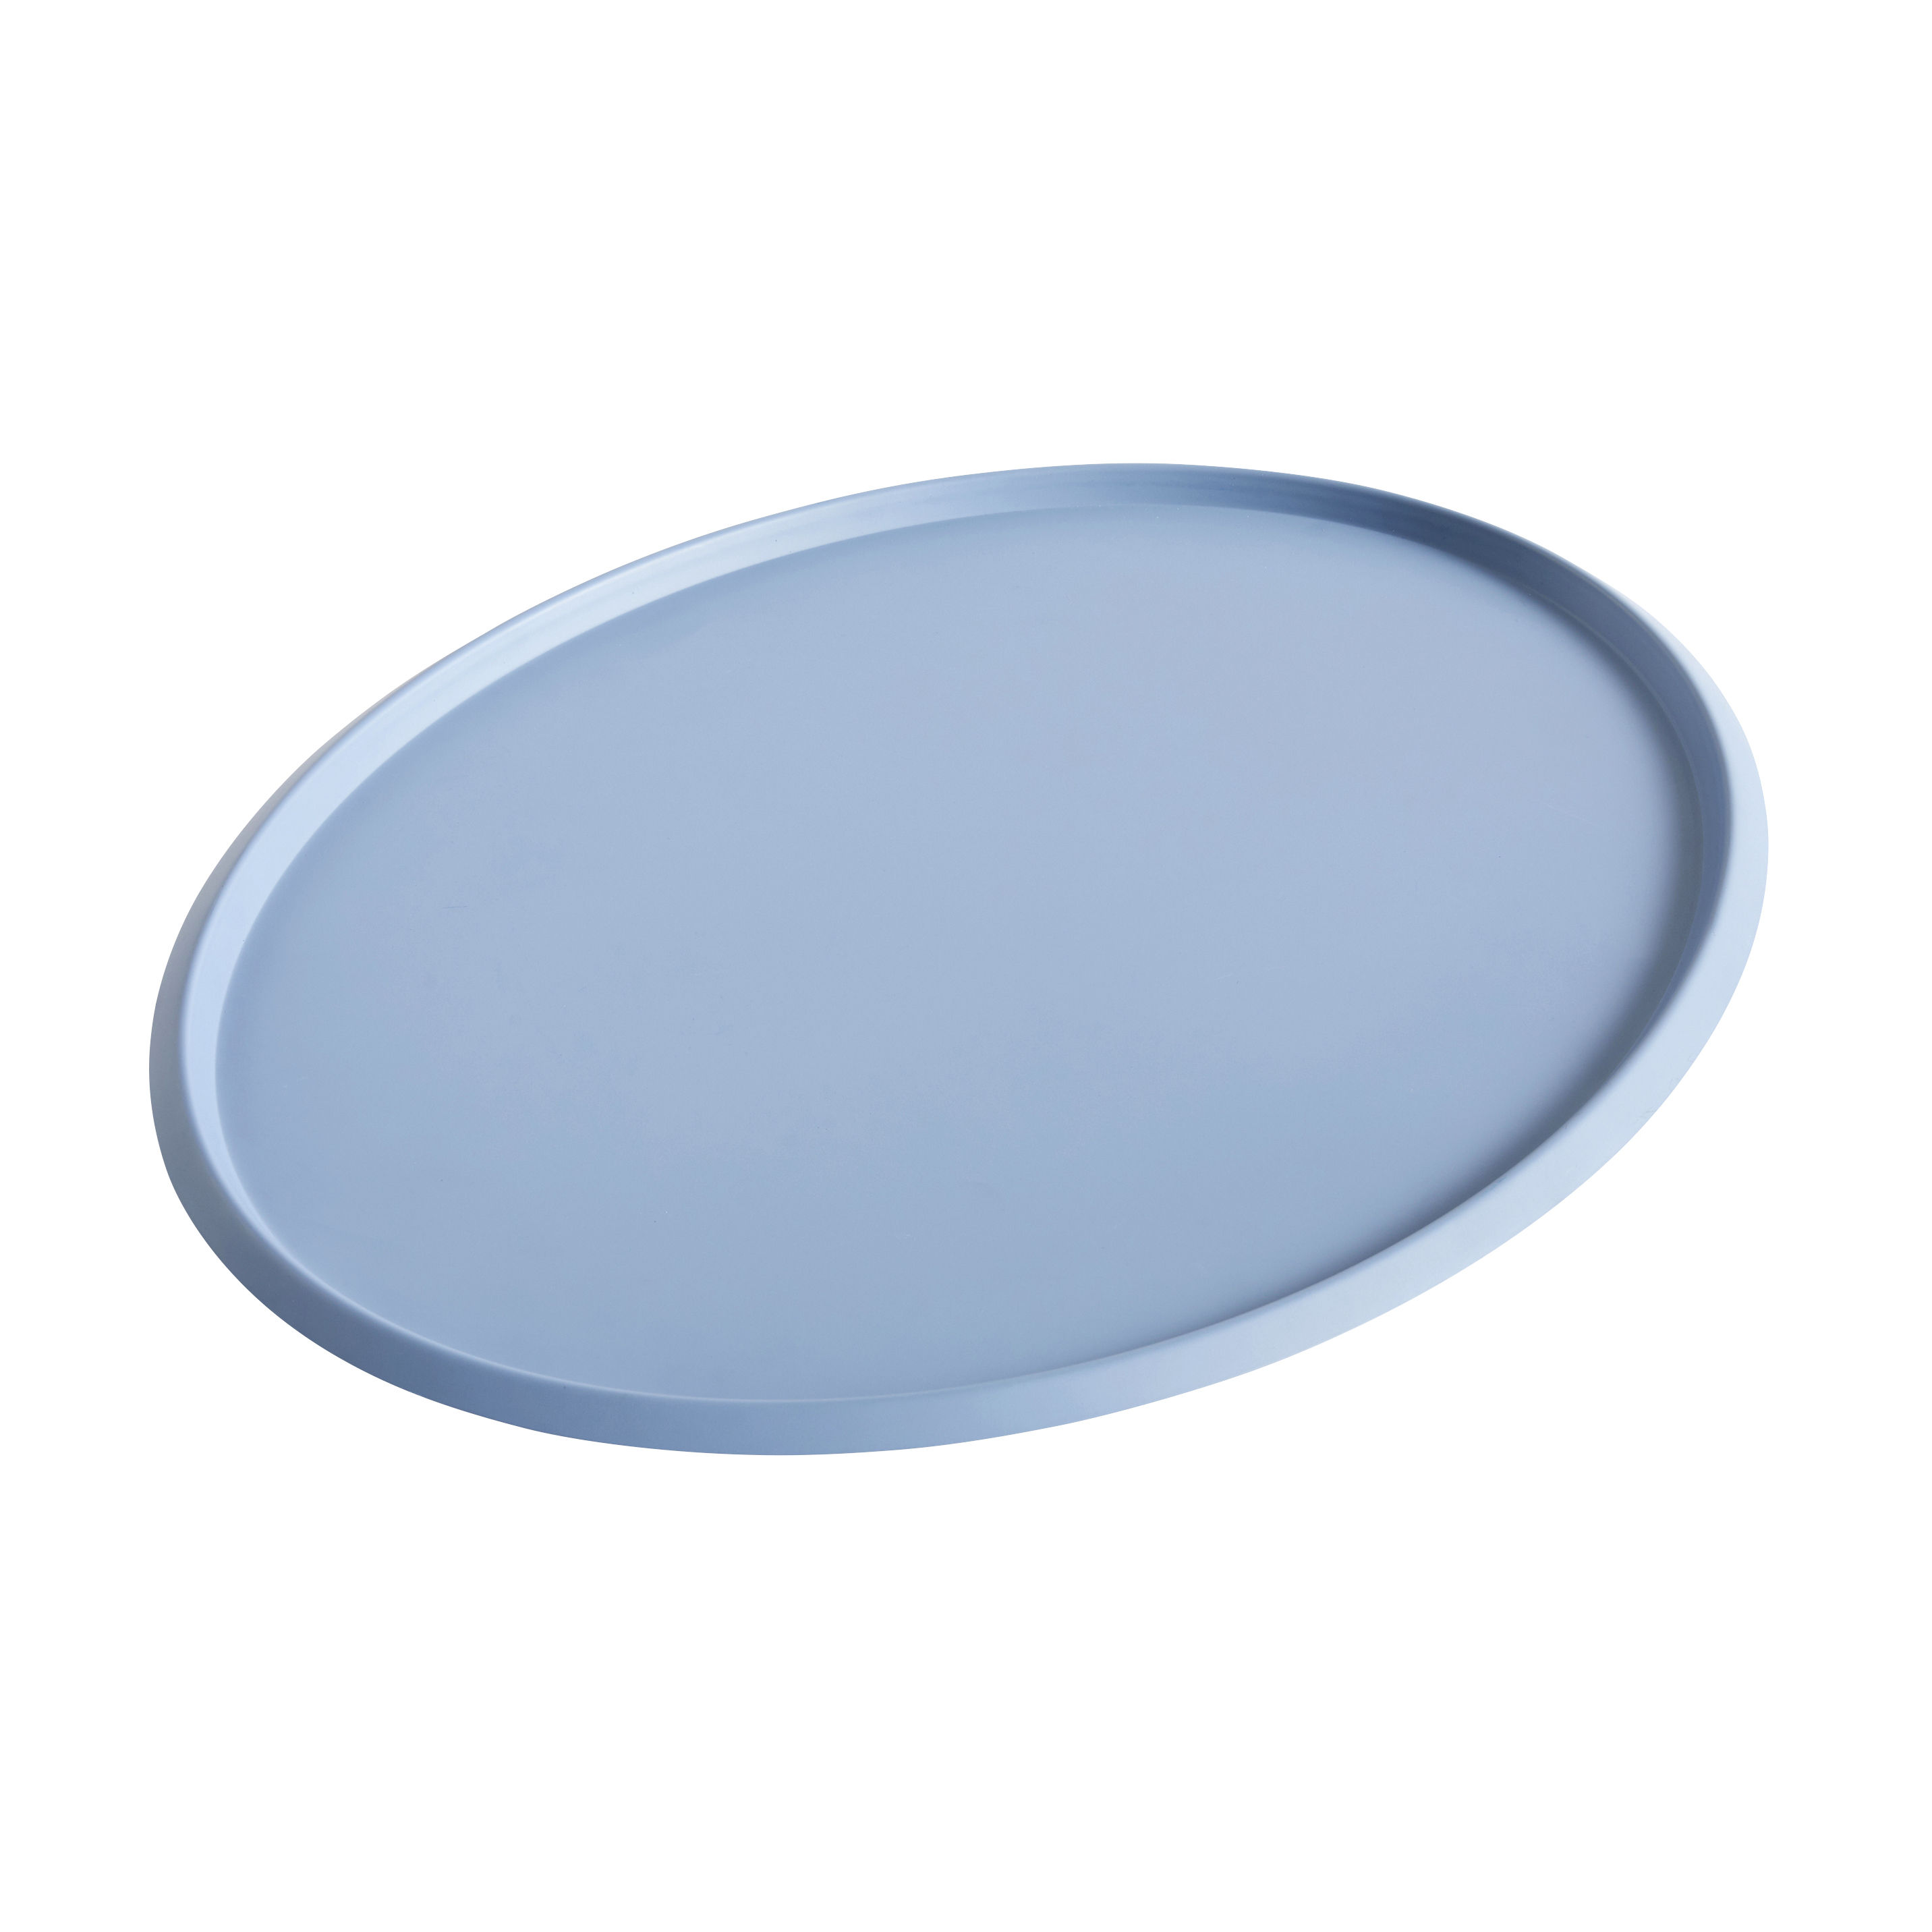 Arts de la table - Plateaux - Plateau Ellipse XL / 47 x 37 cm - Métal - Hay - Bleu clair - Acier peint